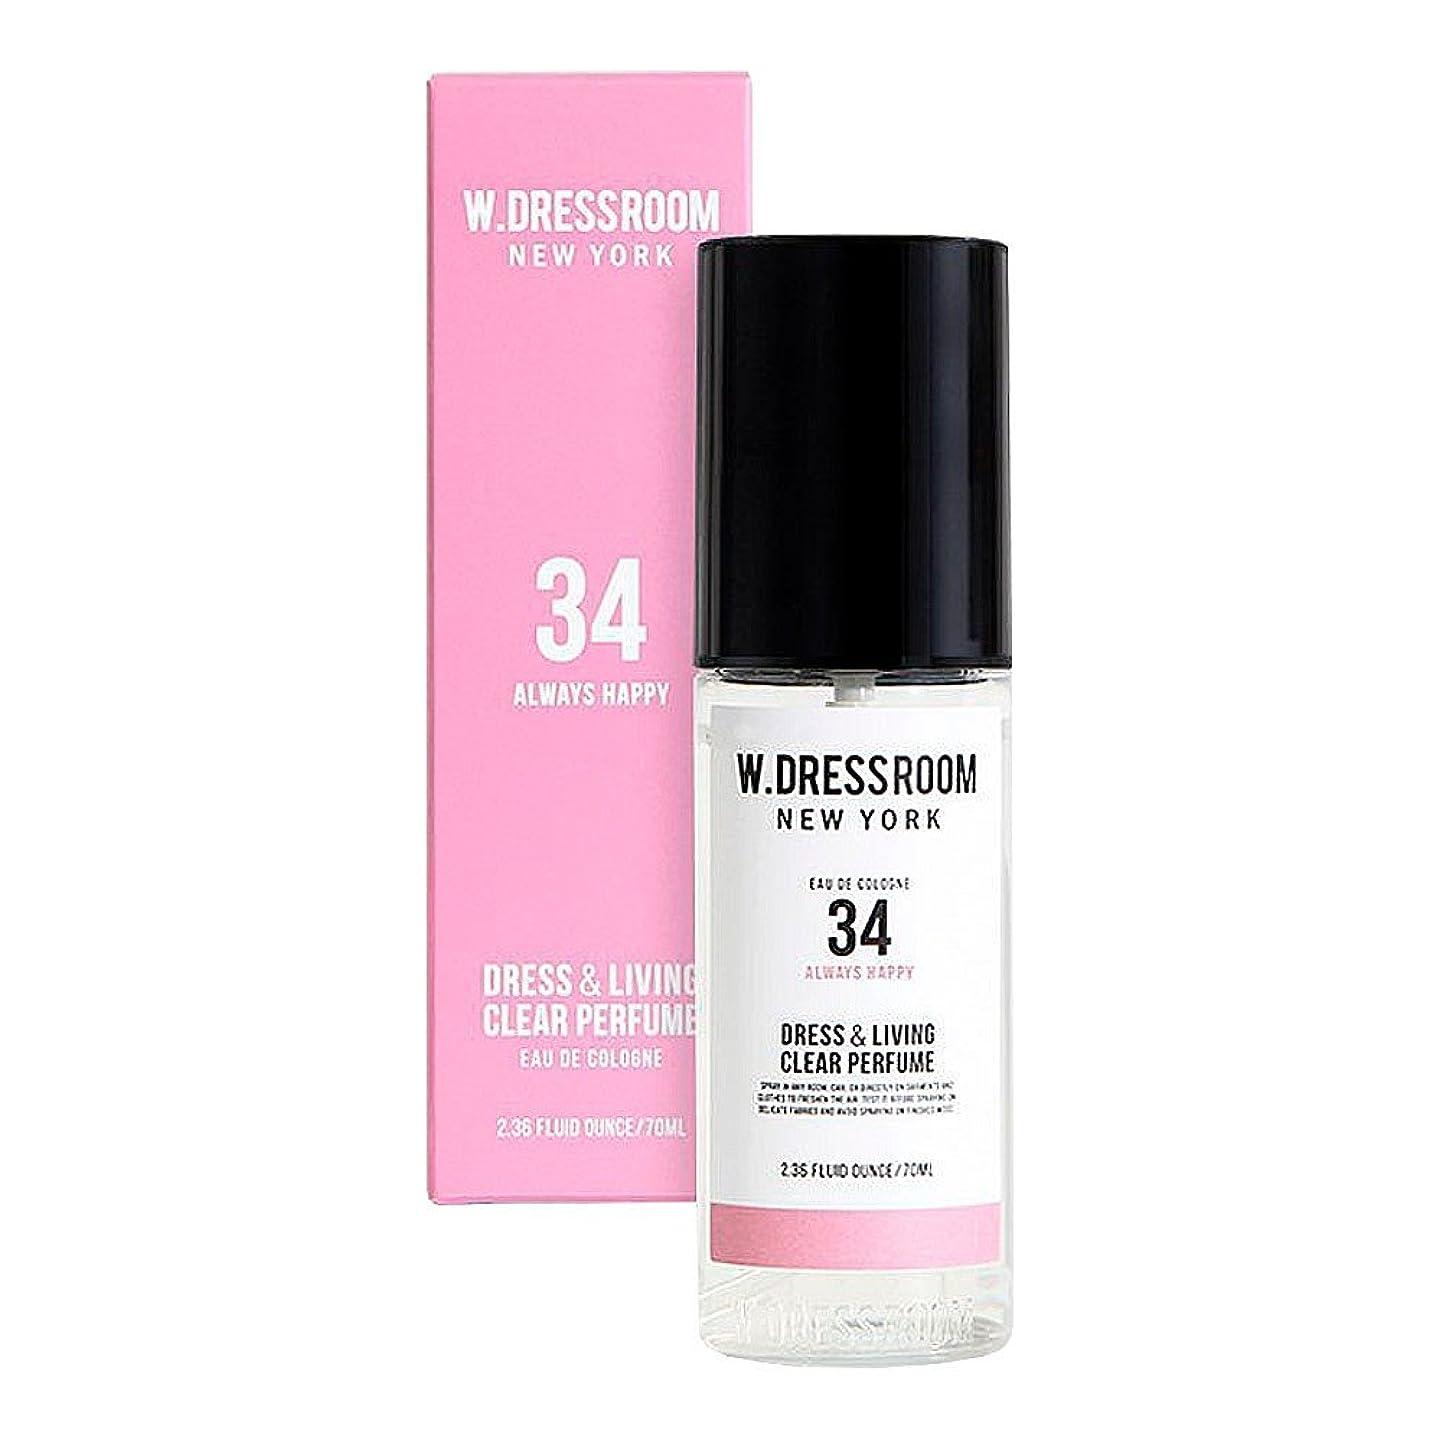 未来モネピルファーW.DRESSROOM Dress & Living Clear Perfume fragrance 70ml (#No.34 Always Happy)/ダブルドレスルーム ドレス&リビング クリア パフューム 70ml (#No.34 Always Happy)